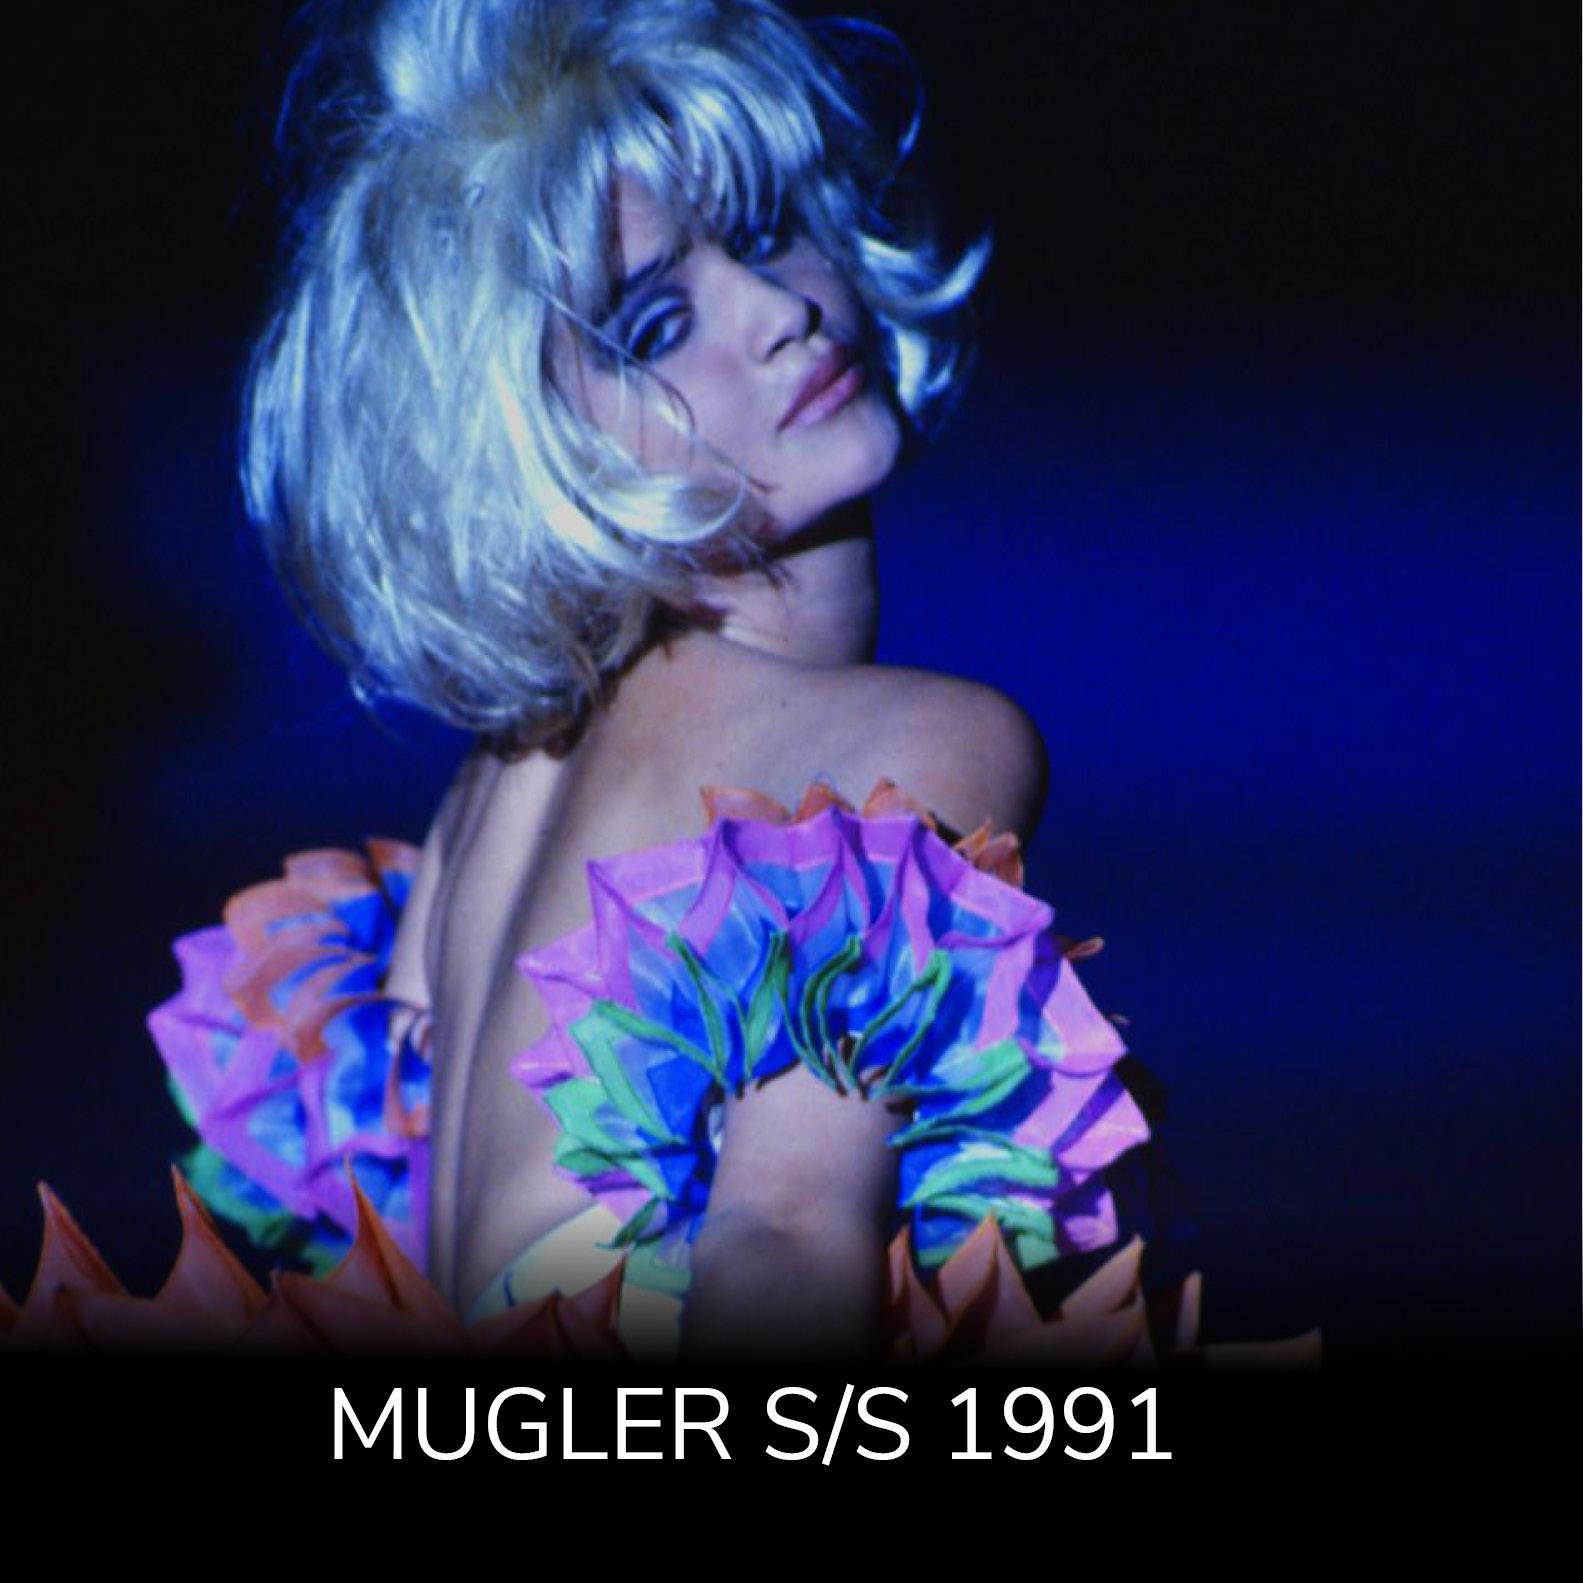 Mugler Spring/Summer 1991